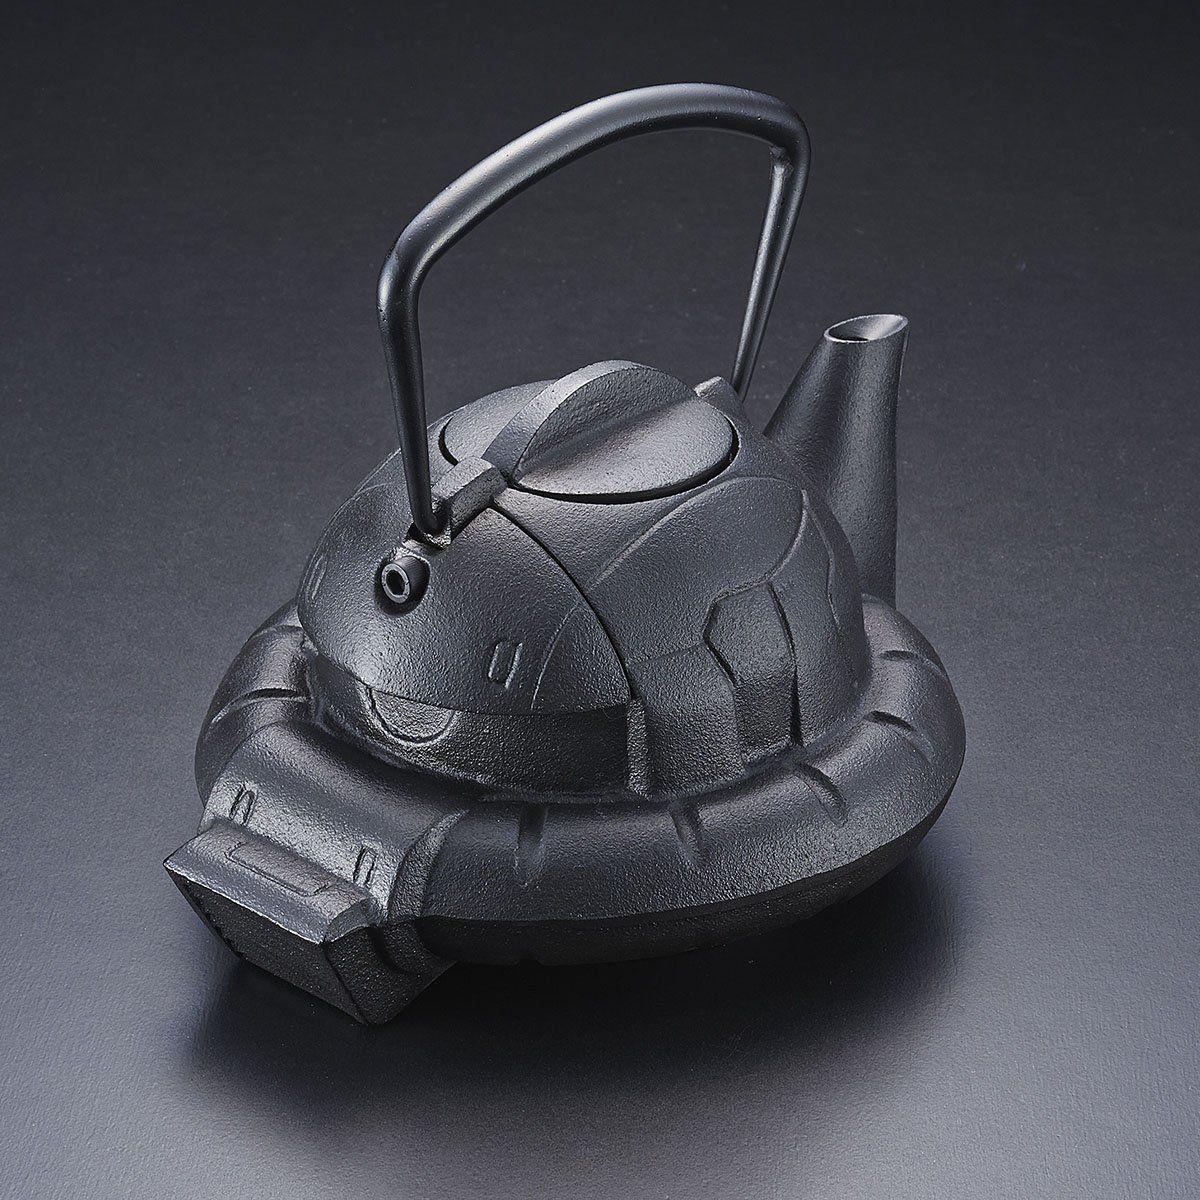 ガンダムカフェ『南部鉄器 鉄瓶 ZAKU』-002